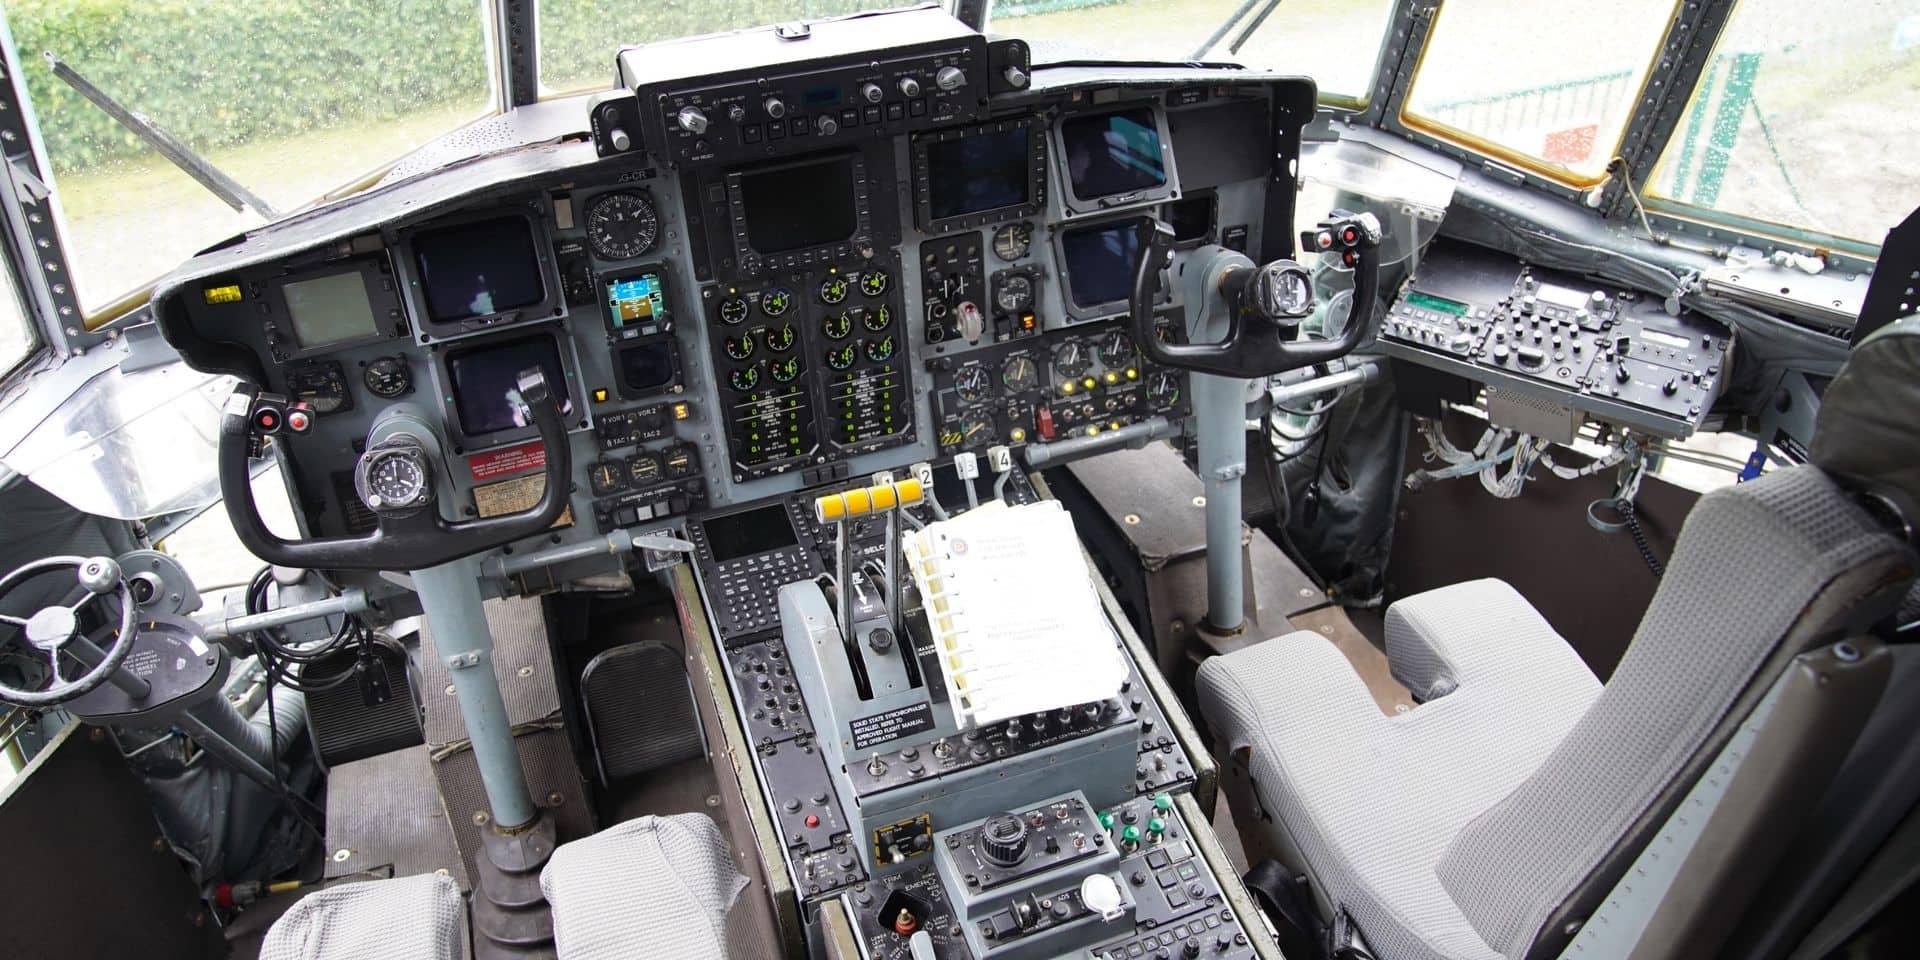 Avion de légende, le C-130 sera accessible au public dès le 11 juillet à Beauvechain